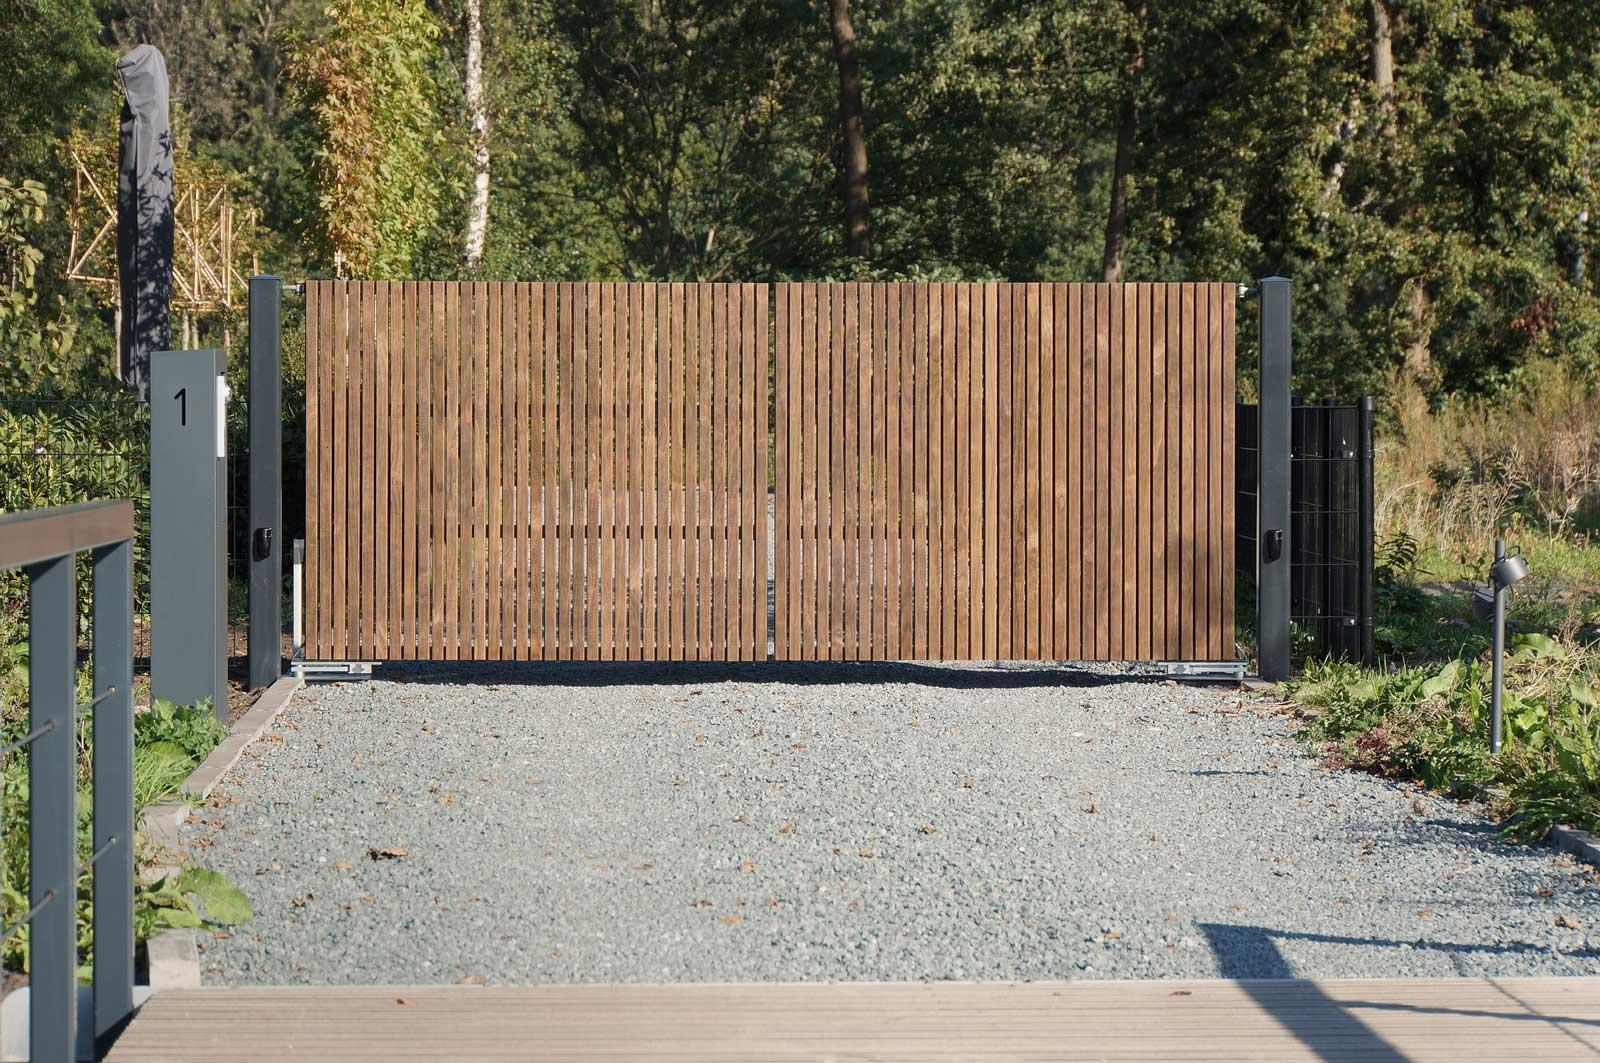 Consepto Hekwerk-Autopoort elektrische toegangspoort autopoort nobelwood hout op brug